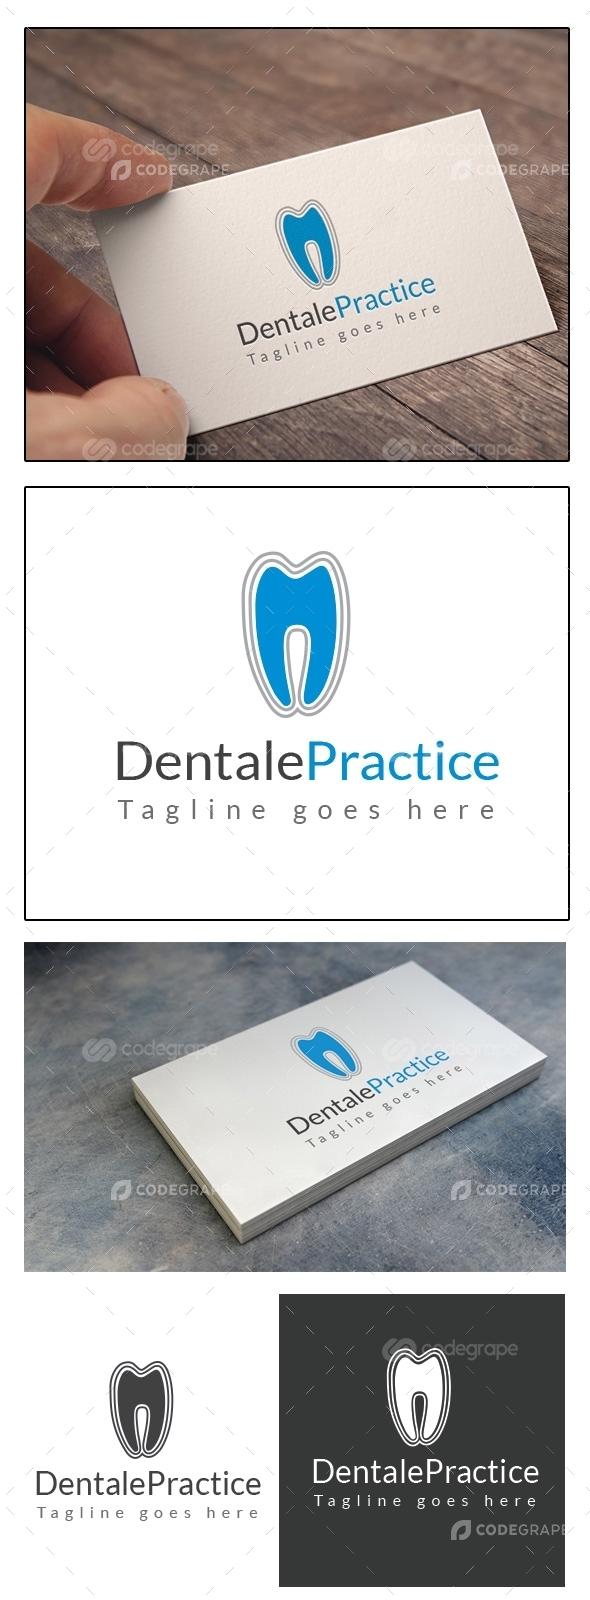 Dentale Practice logo